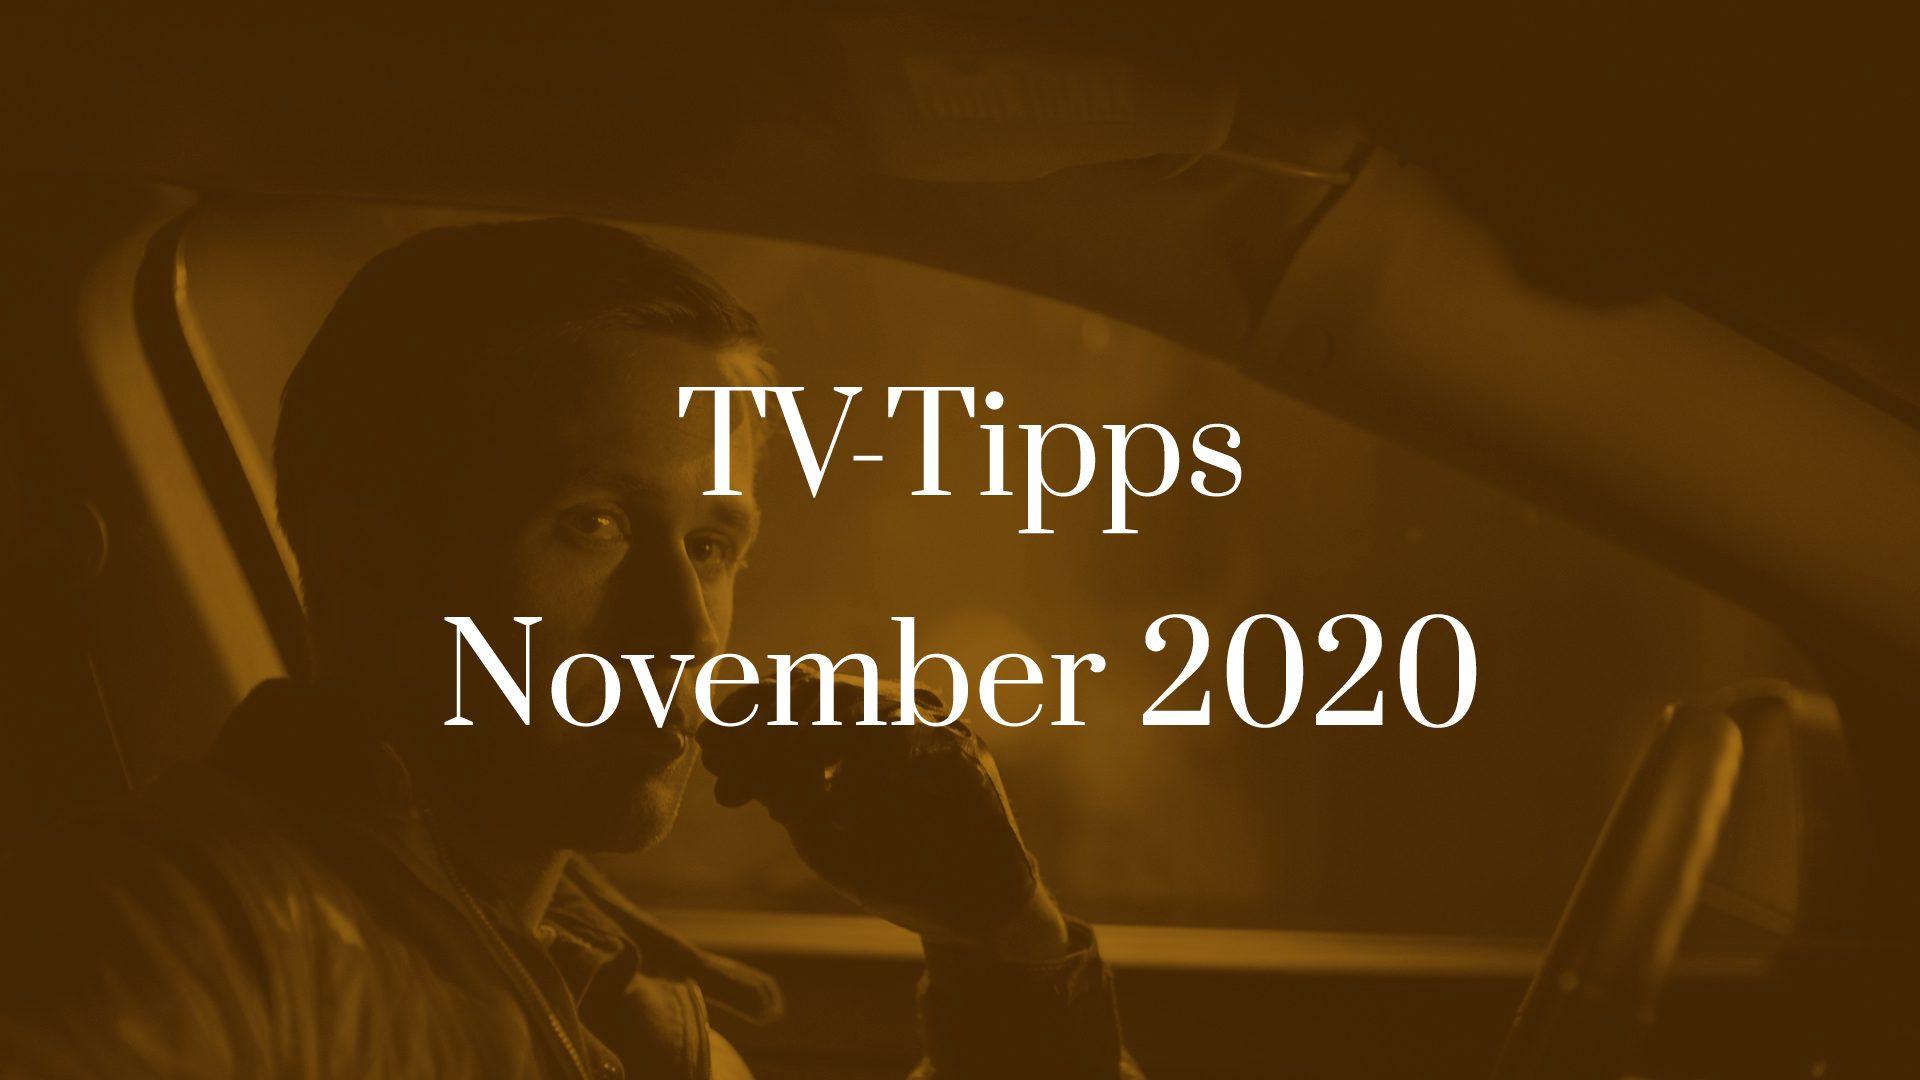 Titelbild zu TV-Tipps für November 2020